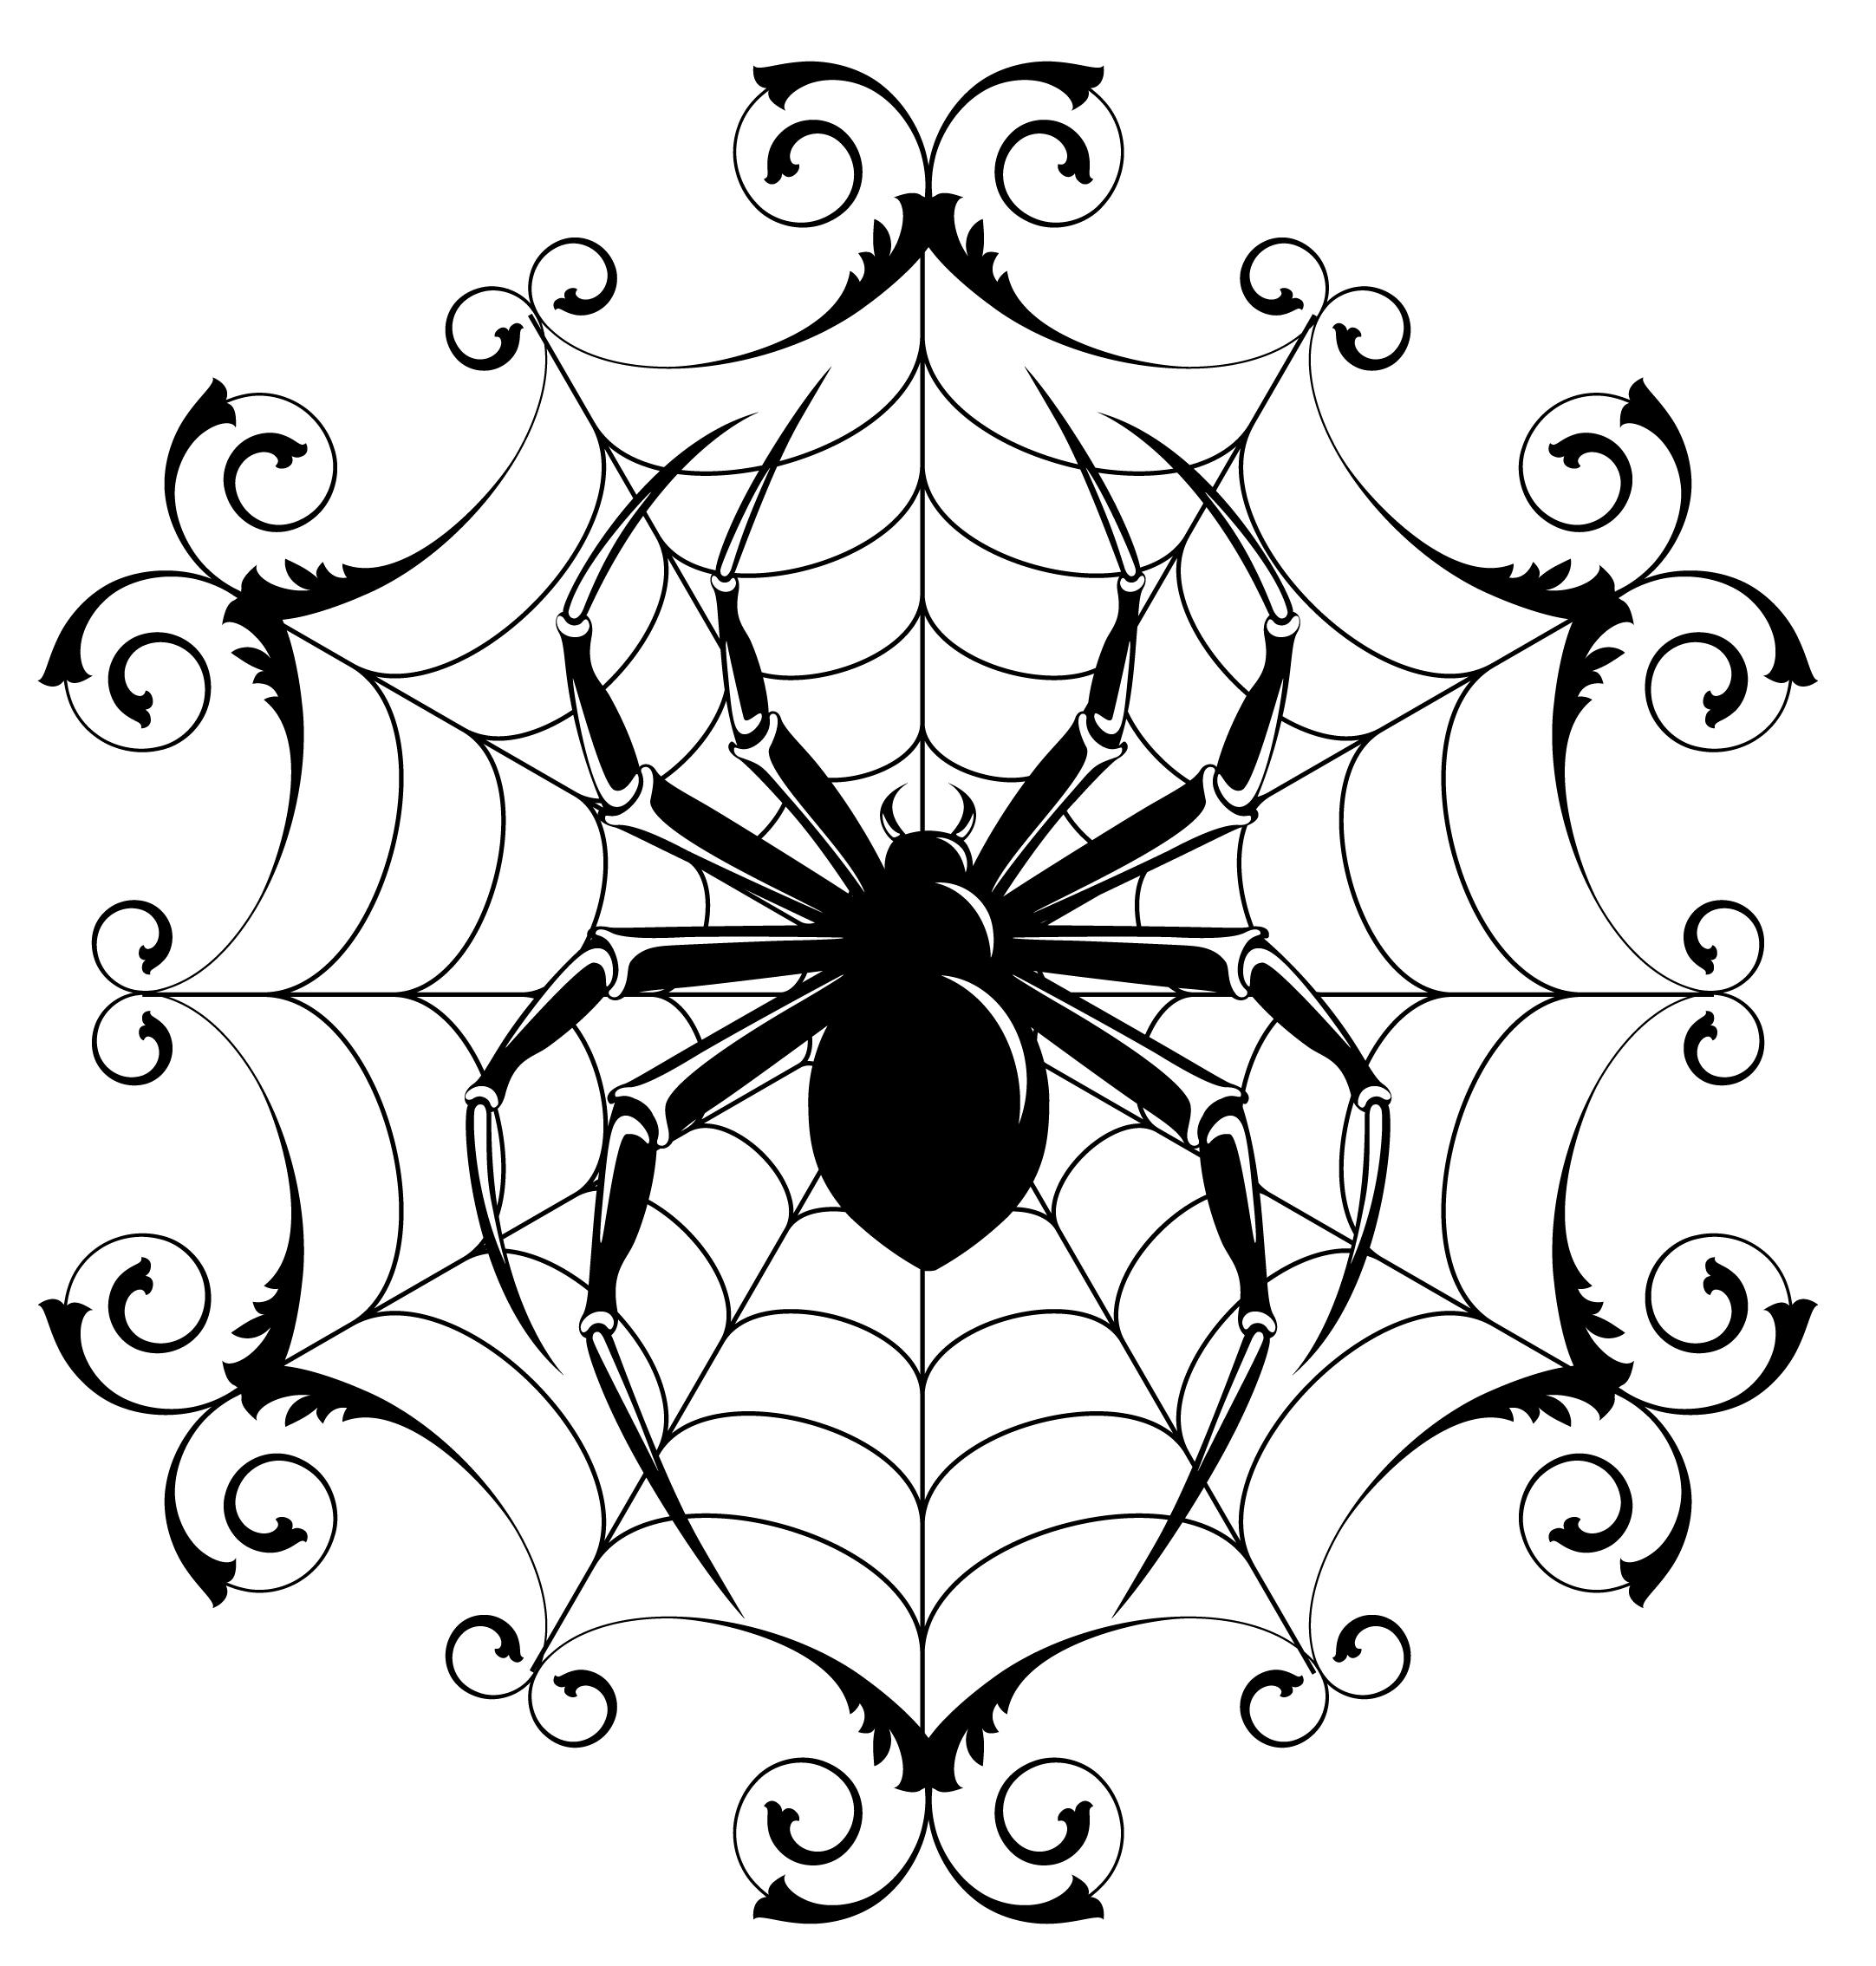 Drawn spider halloween decoration Spider  (14) Halloween Drawing